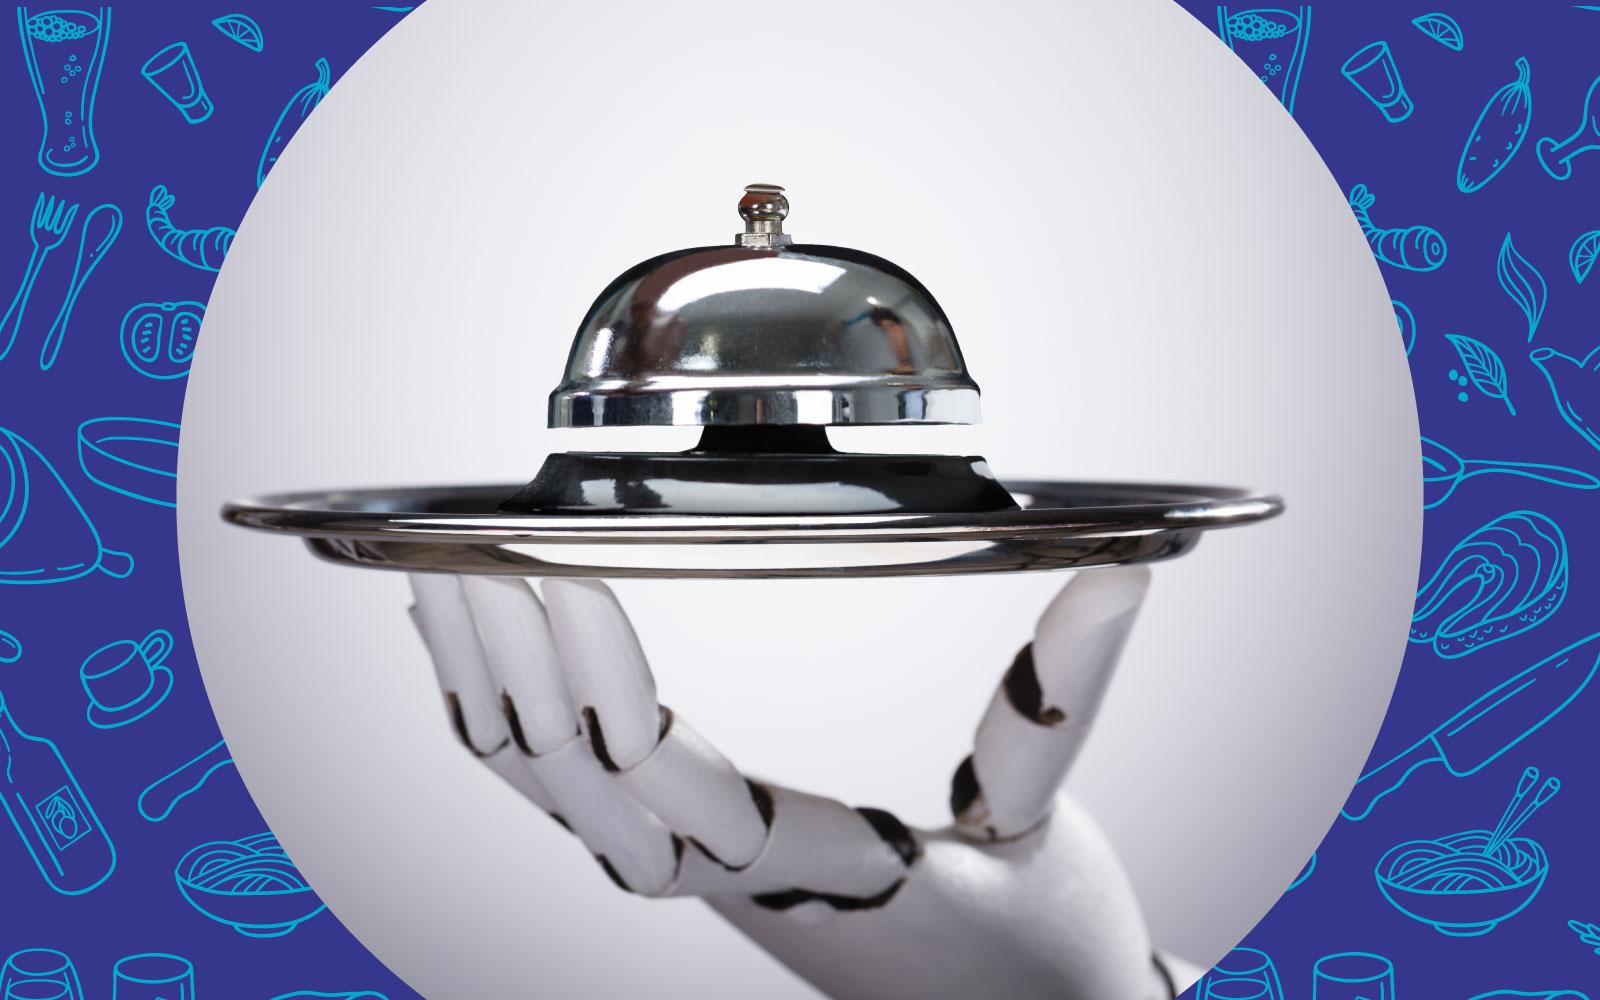 mejor robot de cocina 2020